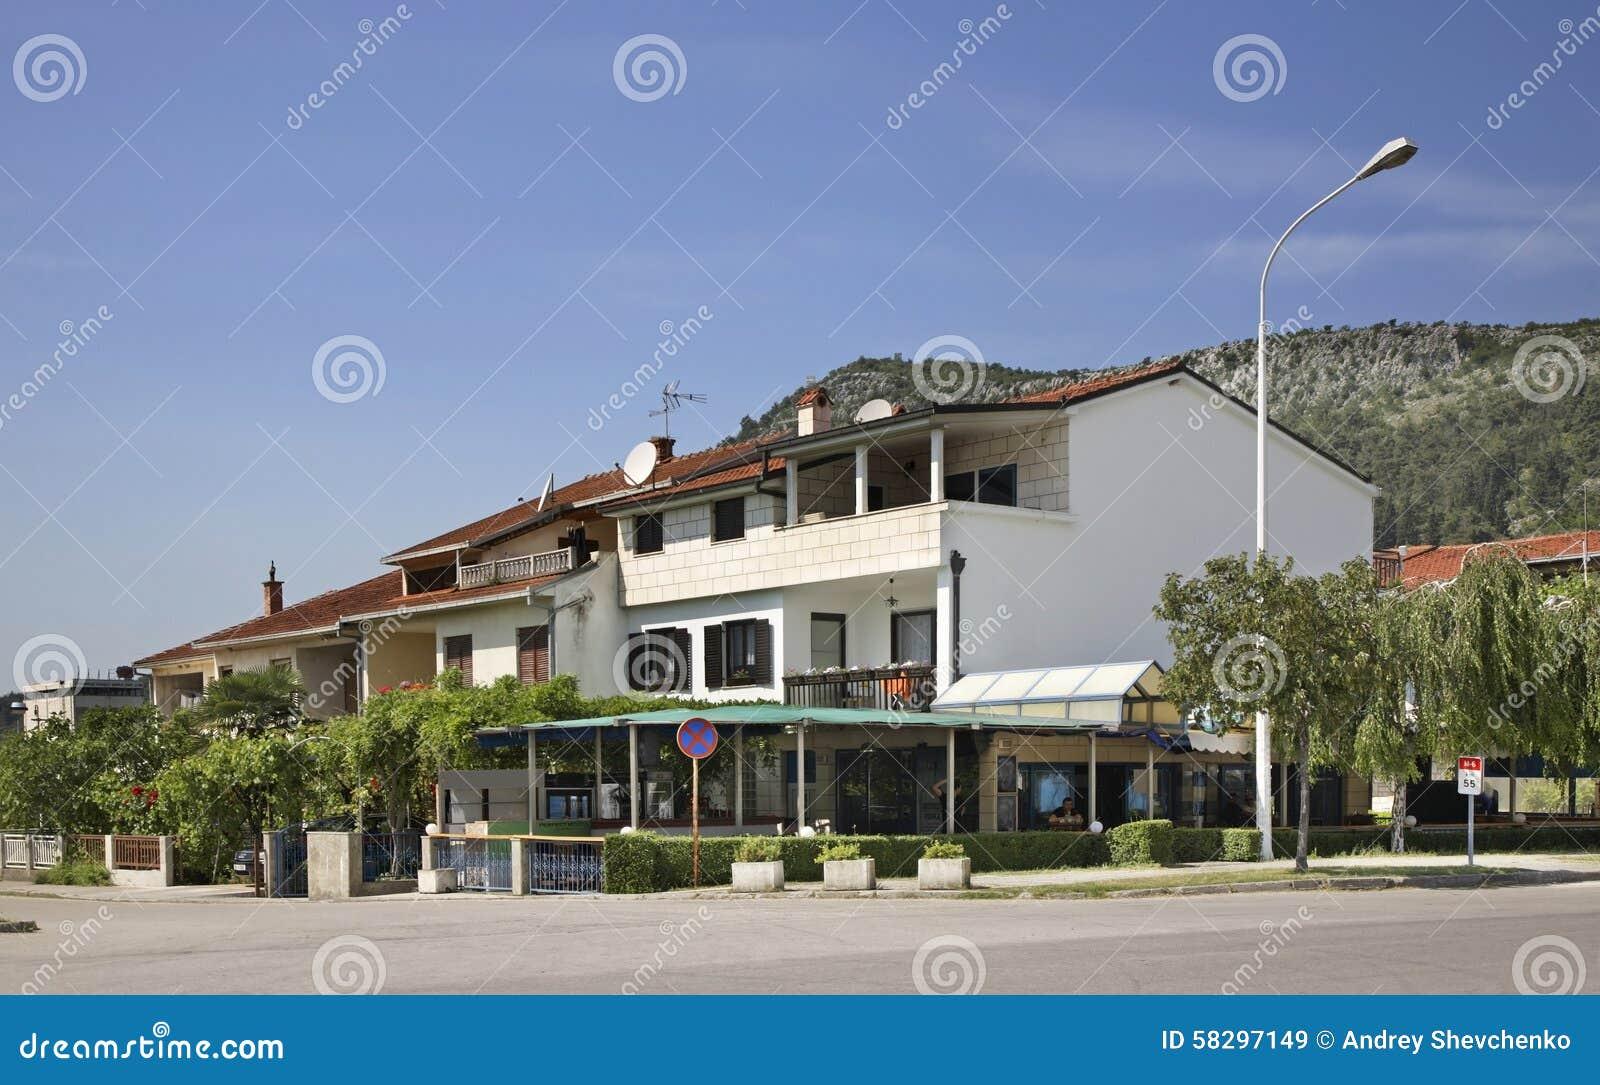 Caplina stad stämma överens områdesområden som Bosnien gemet färgade greyed herzegovina inkluderar viktigt, planera ut territorie